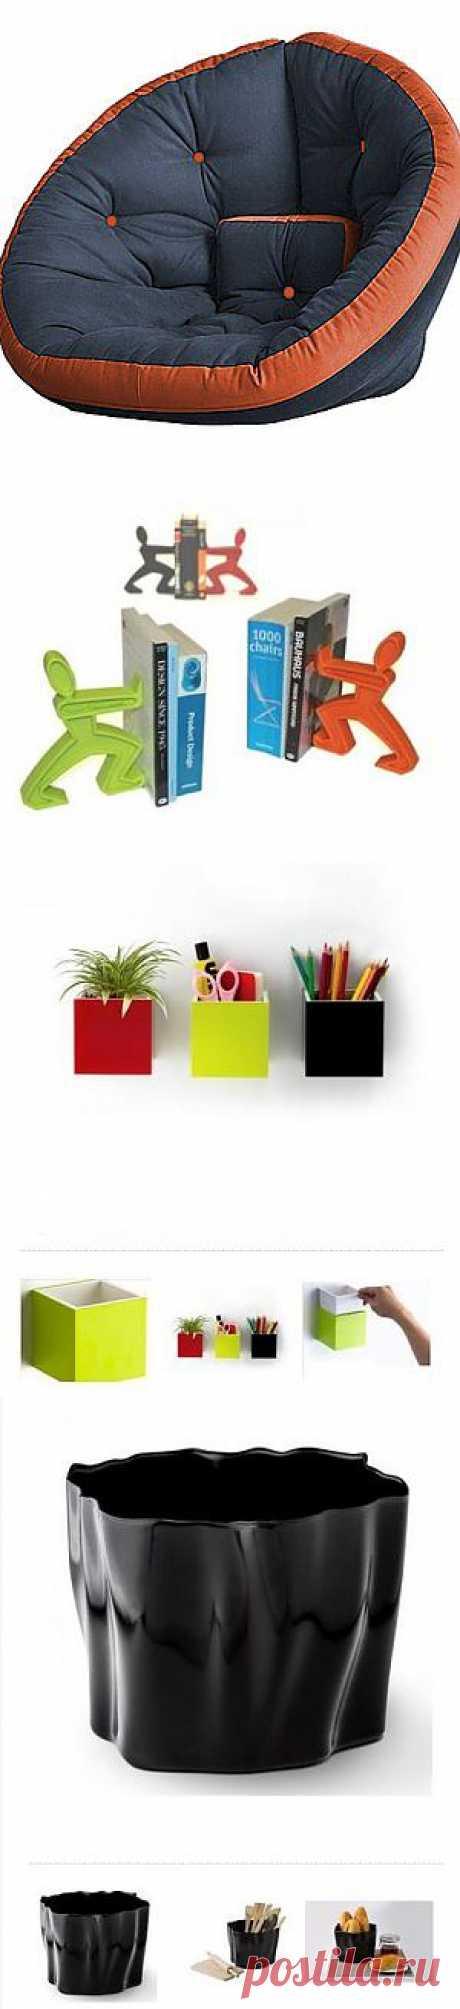 Дизайнерская мебель и аксессуары для дома на ФАБИКЕ | Дом-Цветник